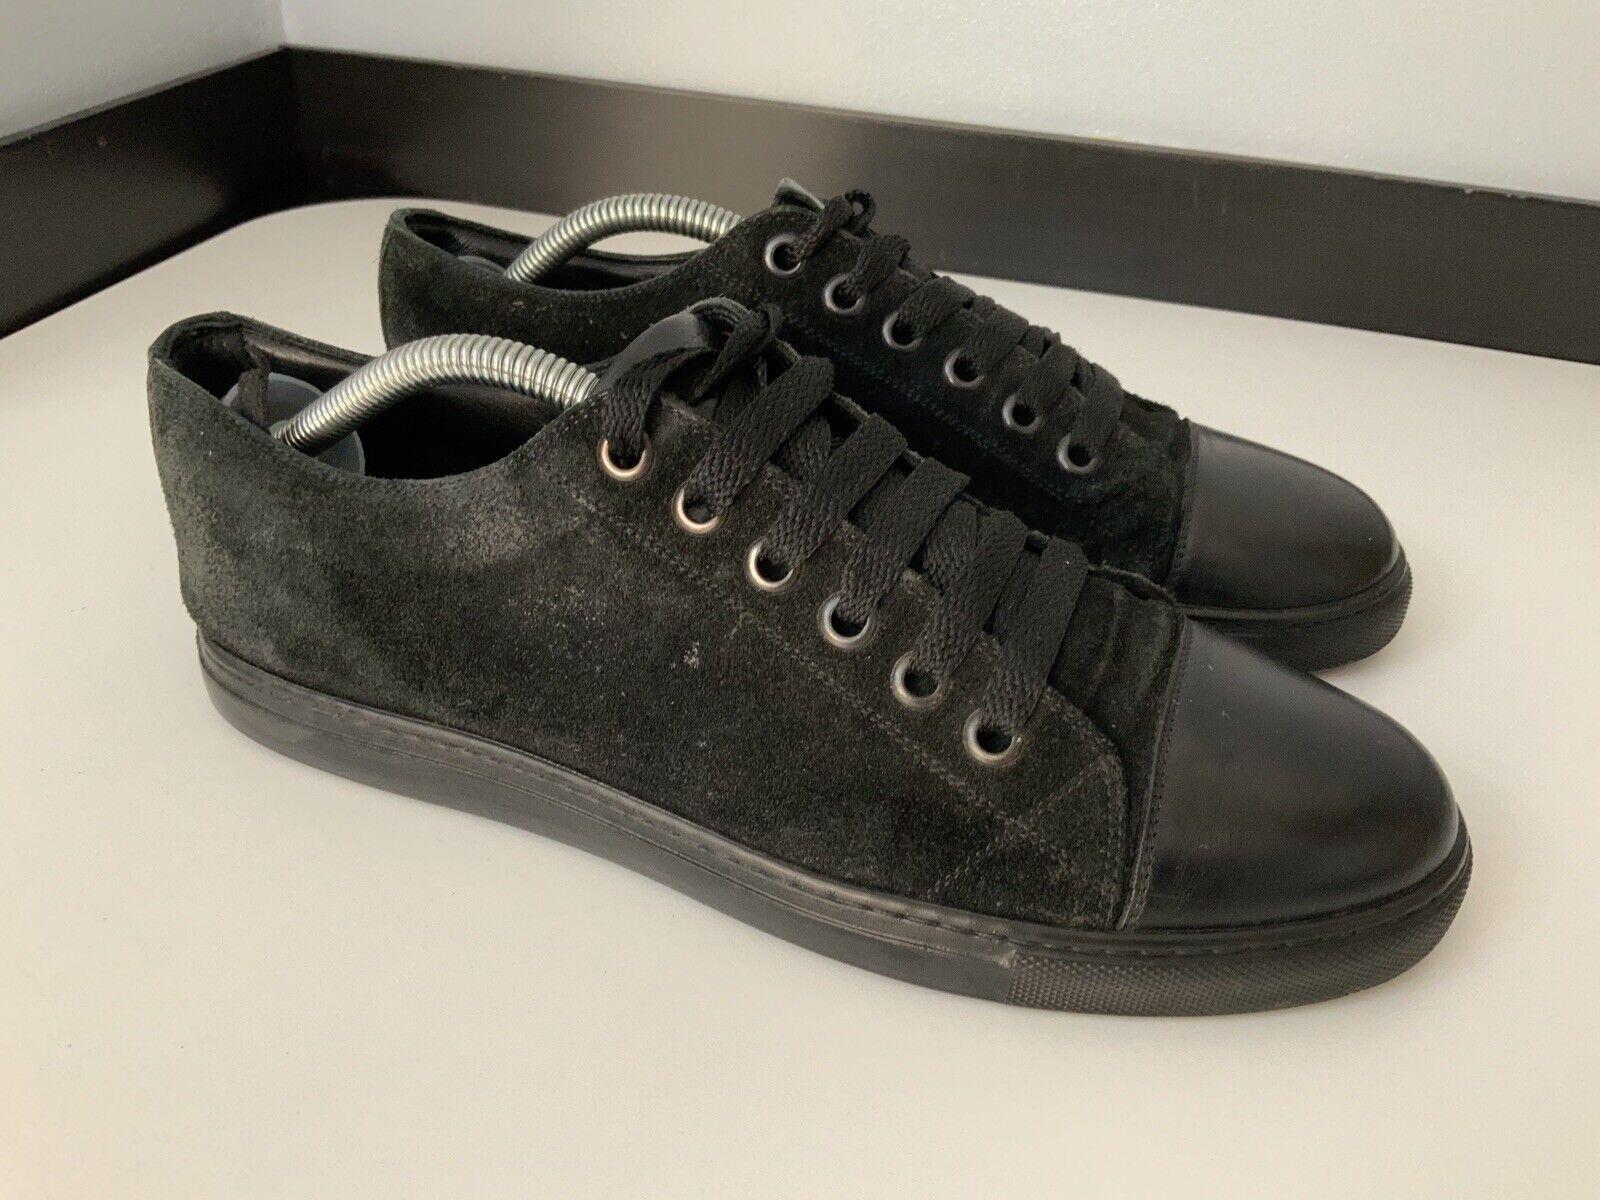 Marc Jacobs Para hombre Zapatillas, Zapatillas Talla UK 7 Negro Cuero Eu41, Gamuza, gc